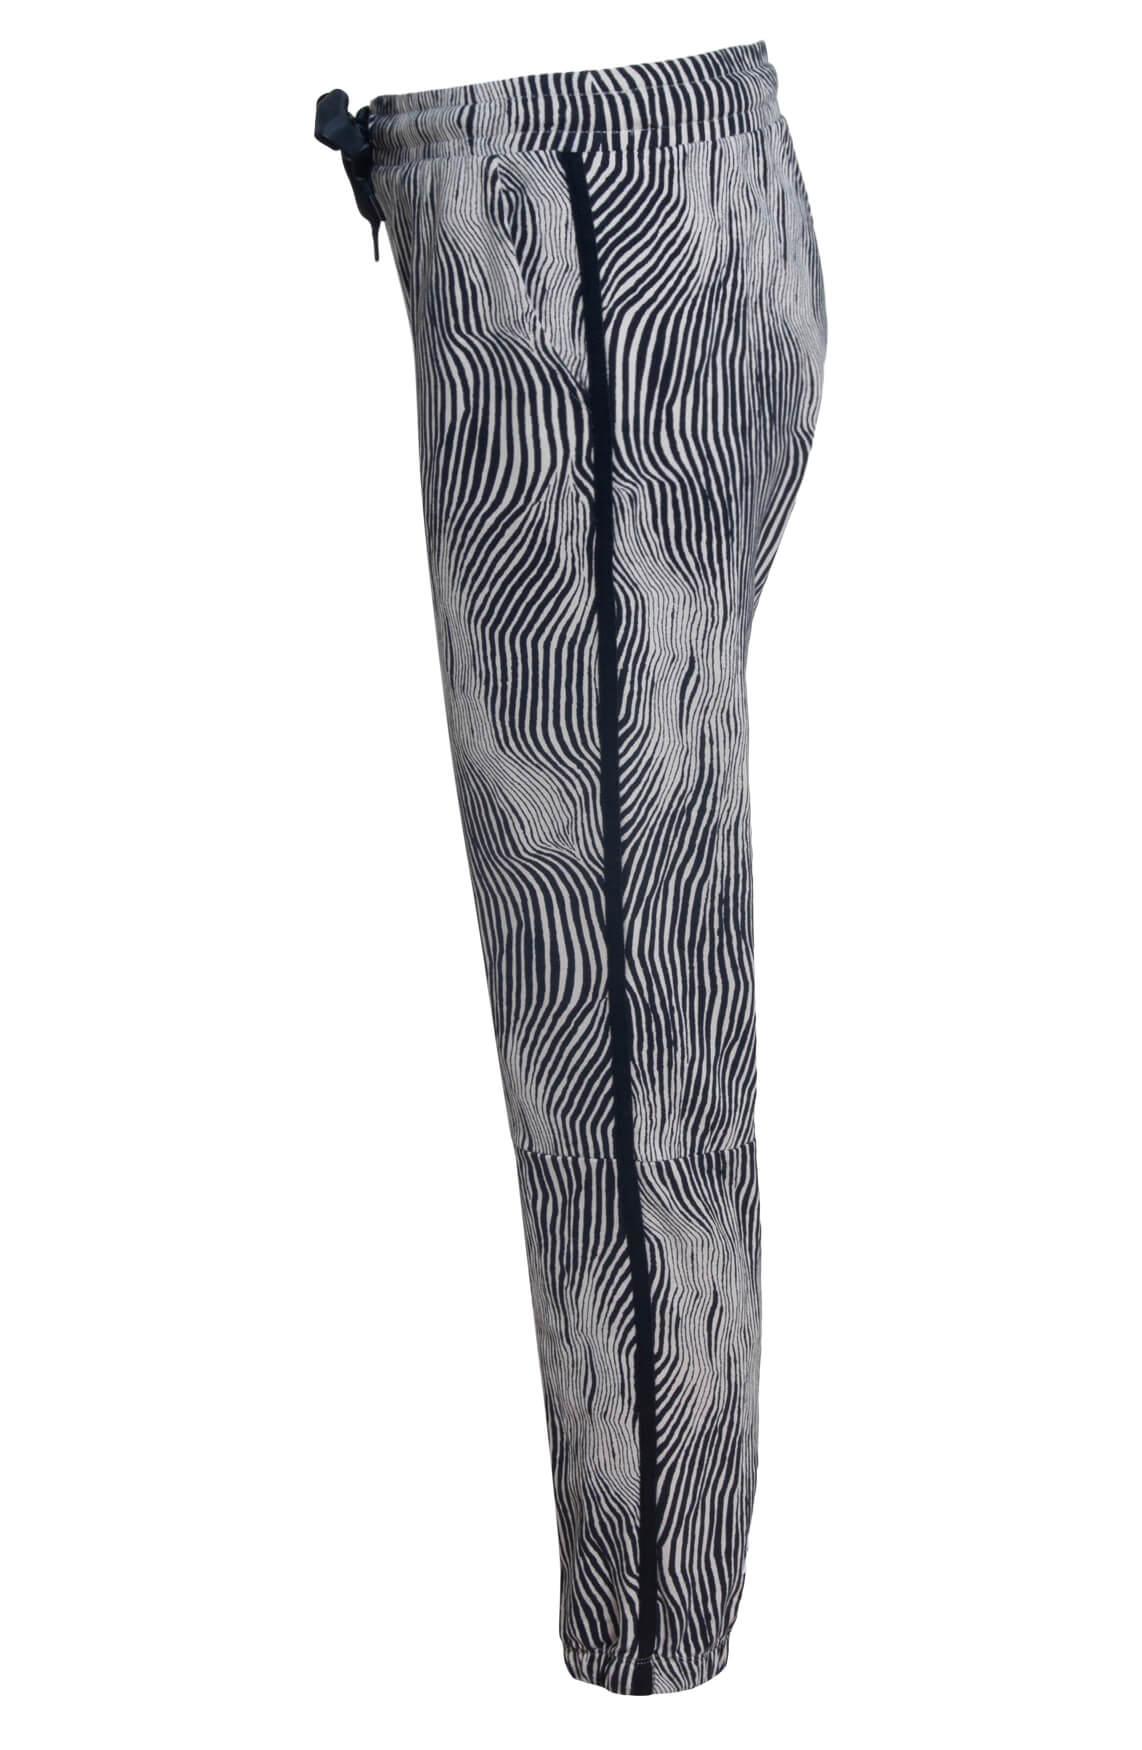 10 Days Dames Zebra jogger zwart